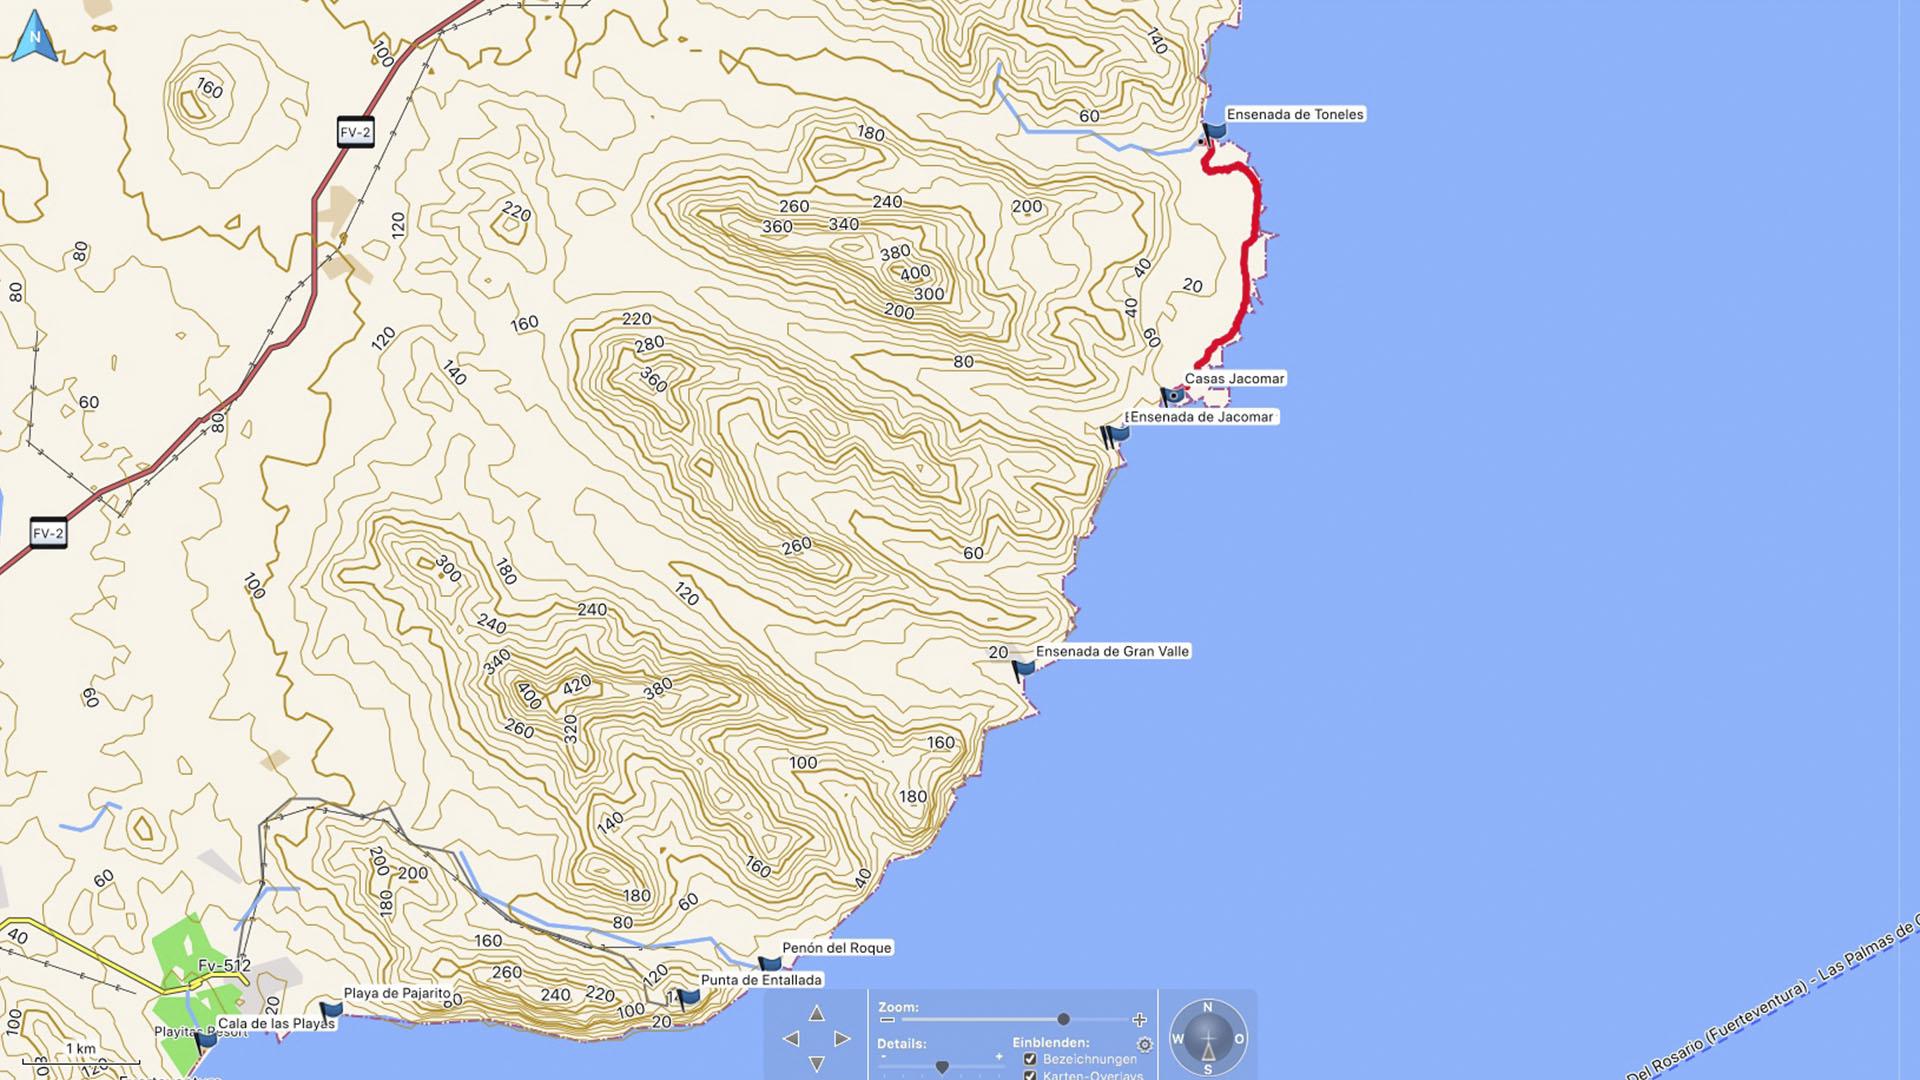 Fuerteventura Karte der Straende: Die Strände des Naturparks Cuchillos de Vigan.